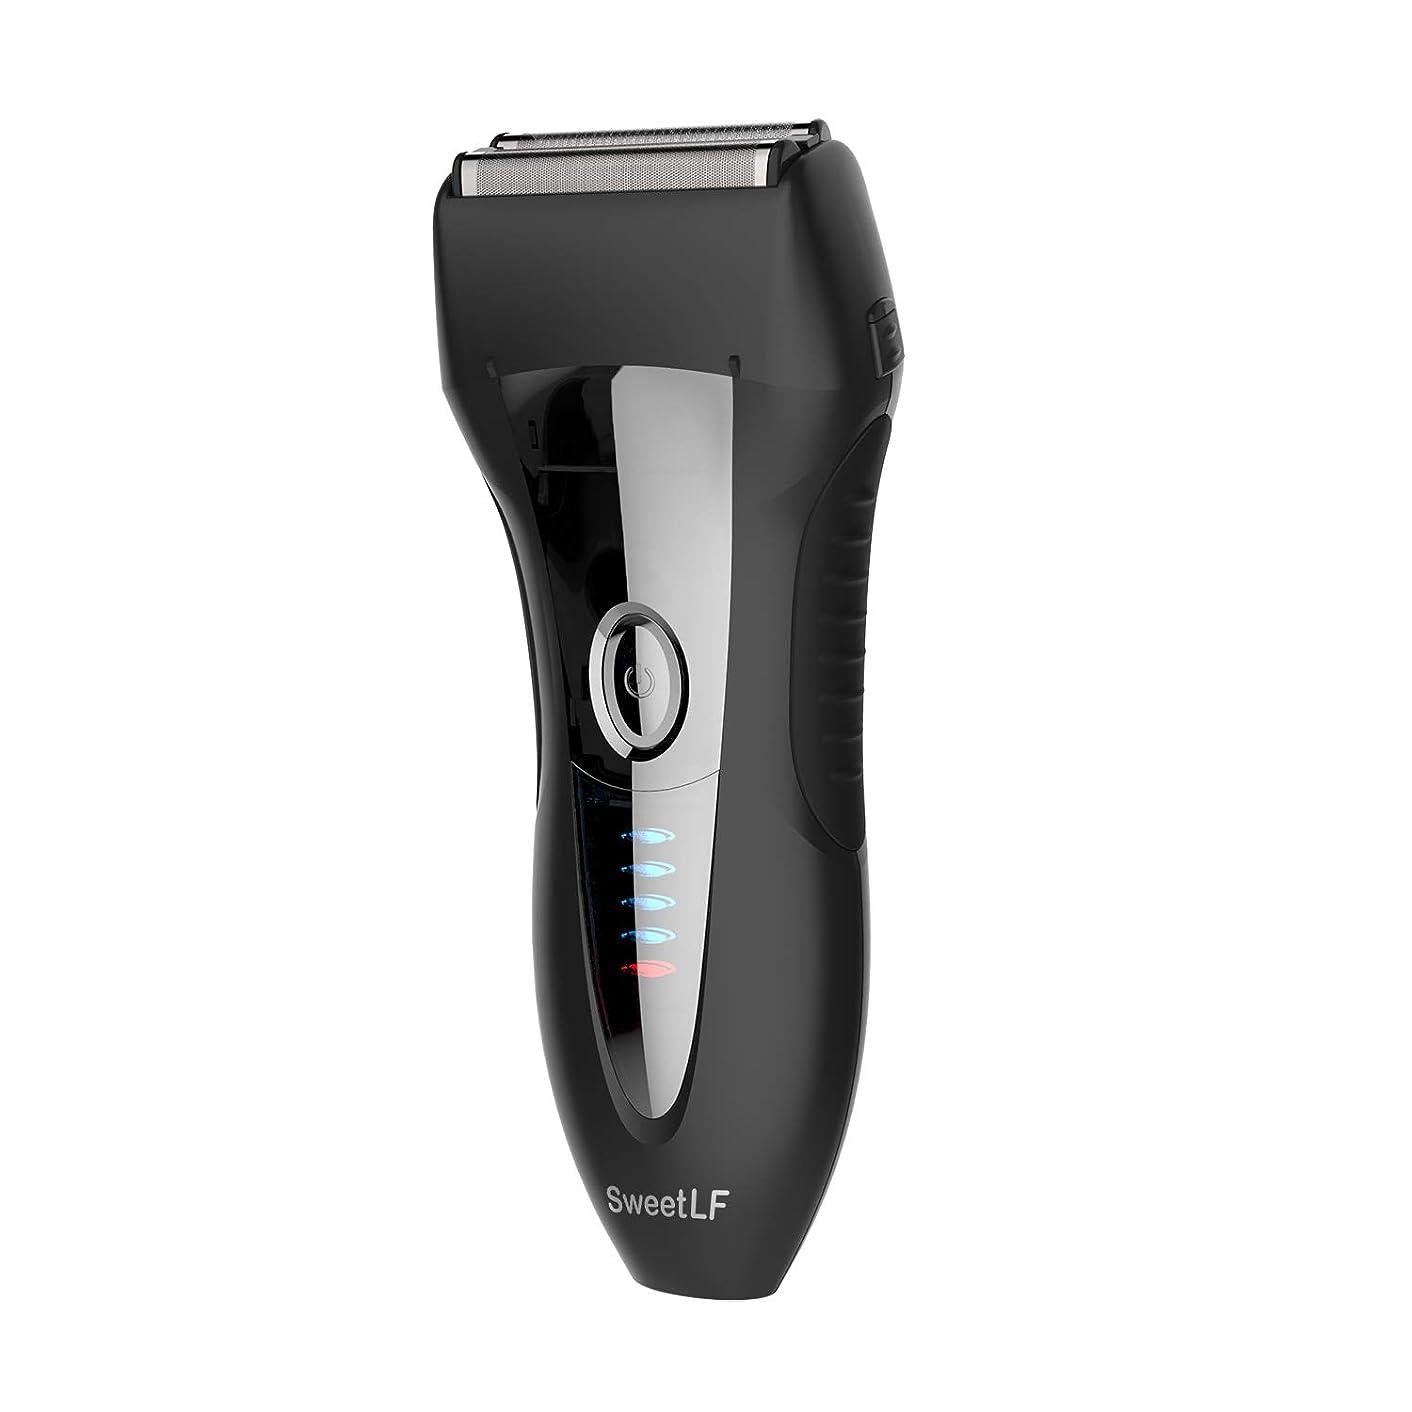 練る抑止する軍隊SweetLF シェーバー メンズ 電気シェーバー ひげそり 電気カミソリ 往復式 3枚刃 USB充電式 お風呂剃り可 LED電源残量表示 トリマー付き